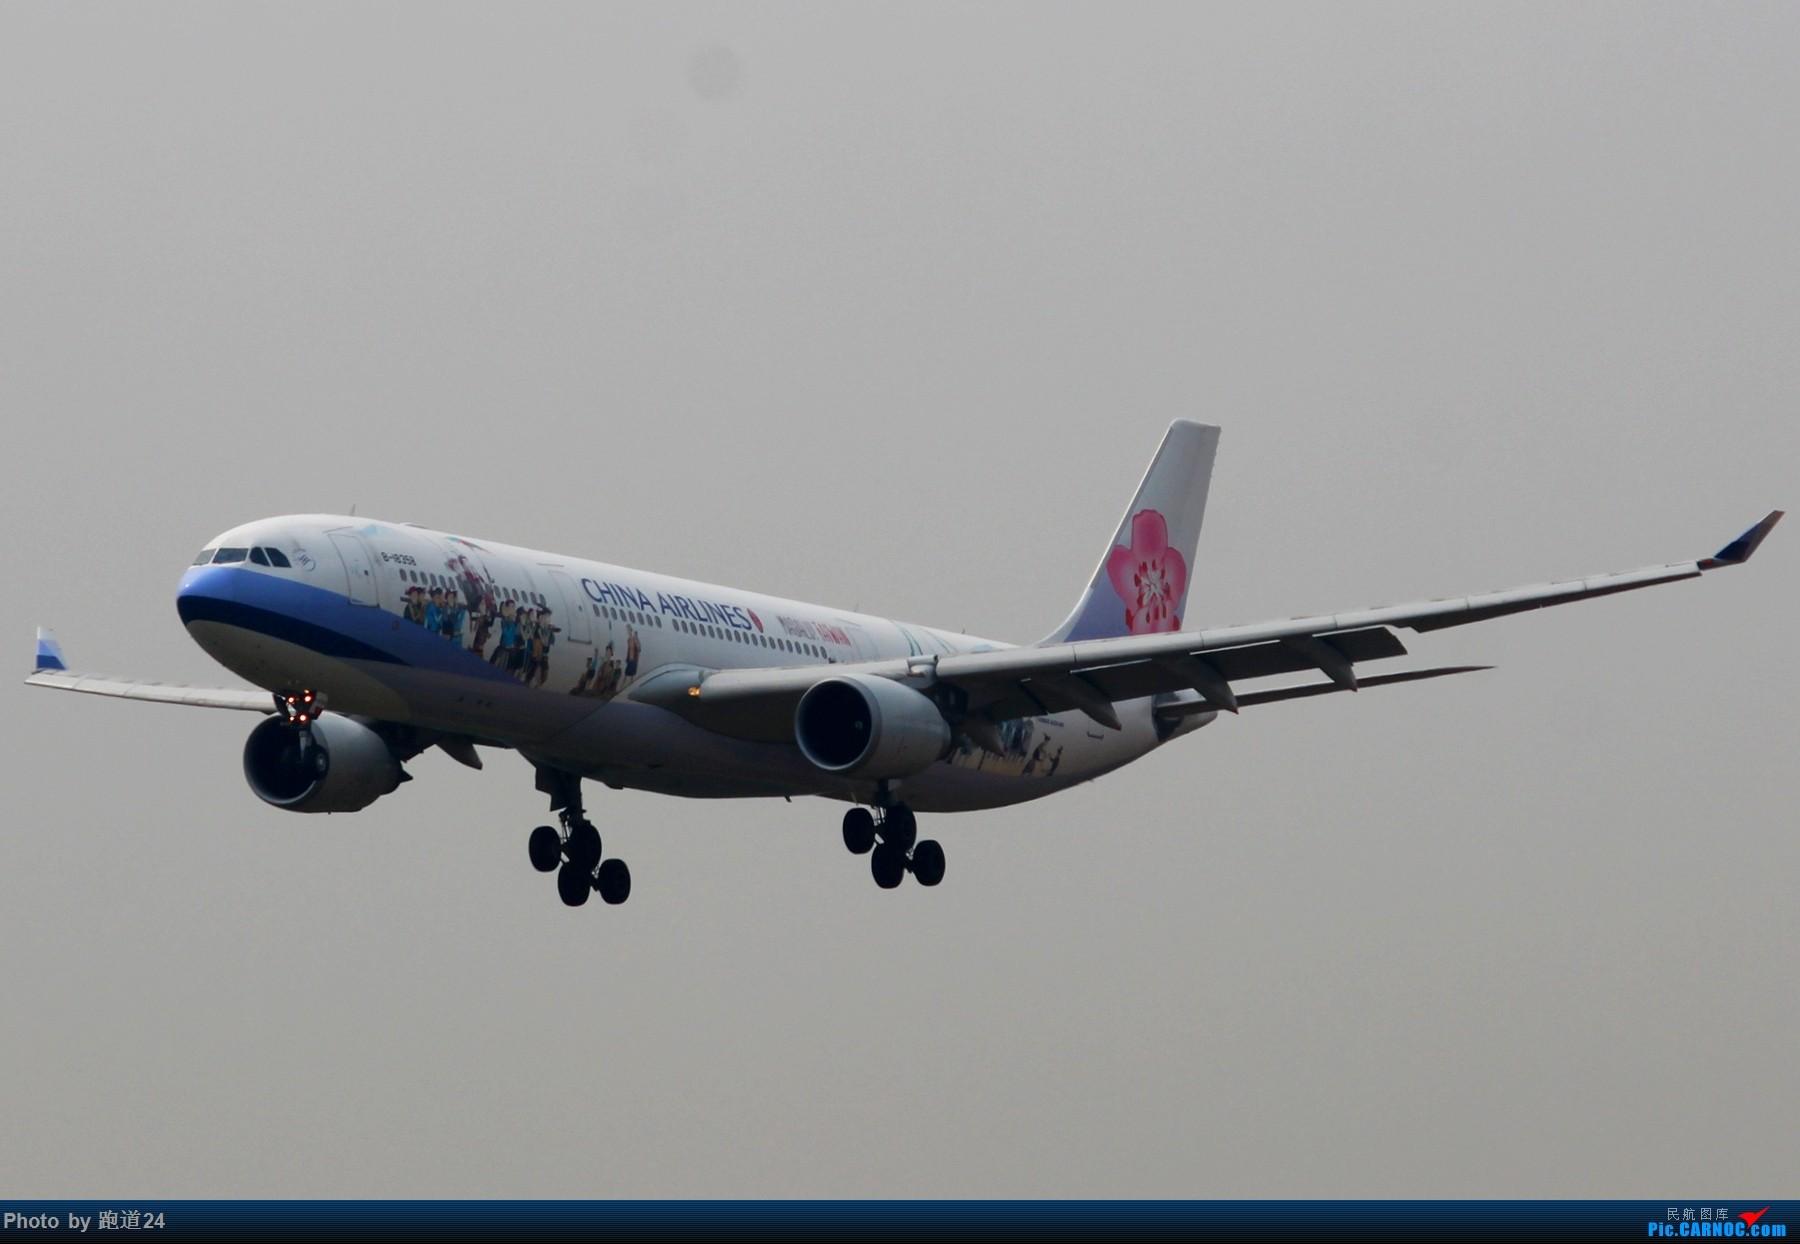 [原创]【多图党】华航原住民彩绘 1800*1200 AIRBUS A330-302 B-18358 中国成都双流国际机场